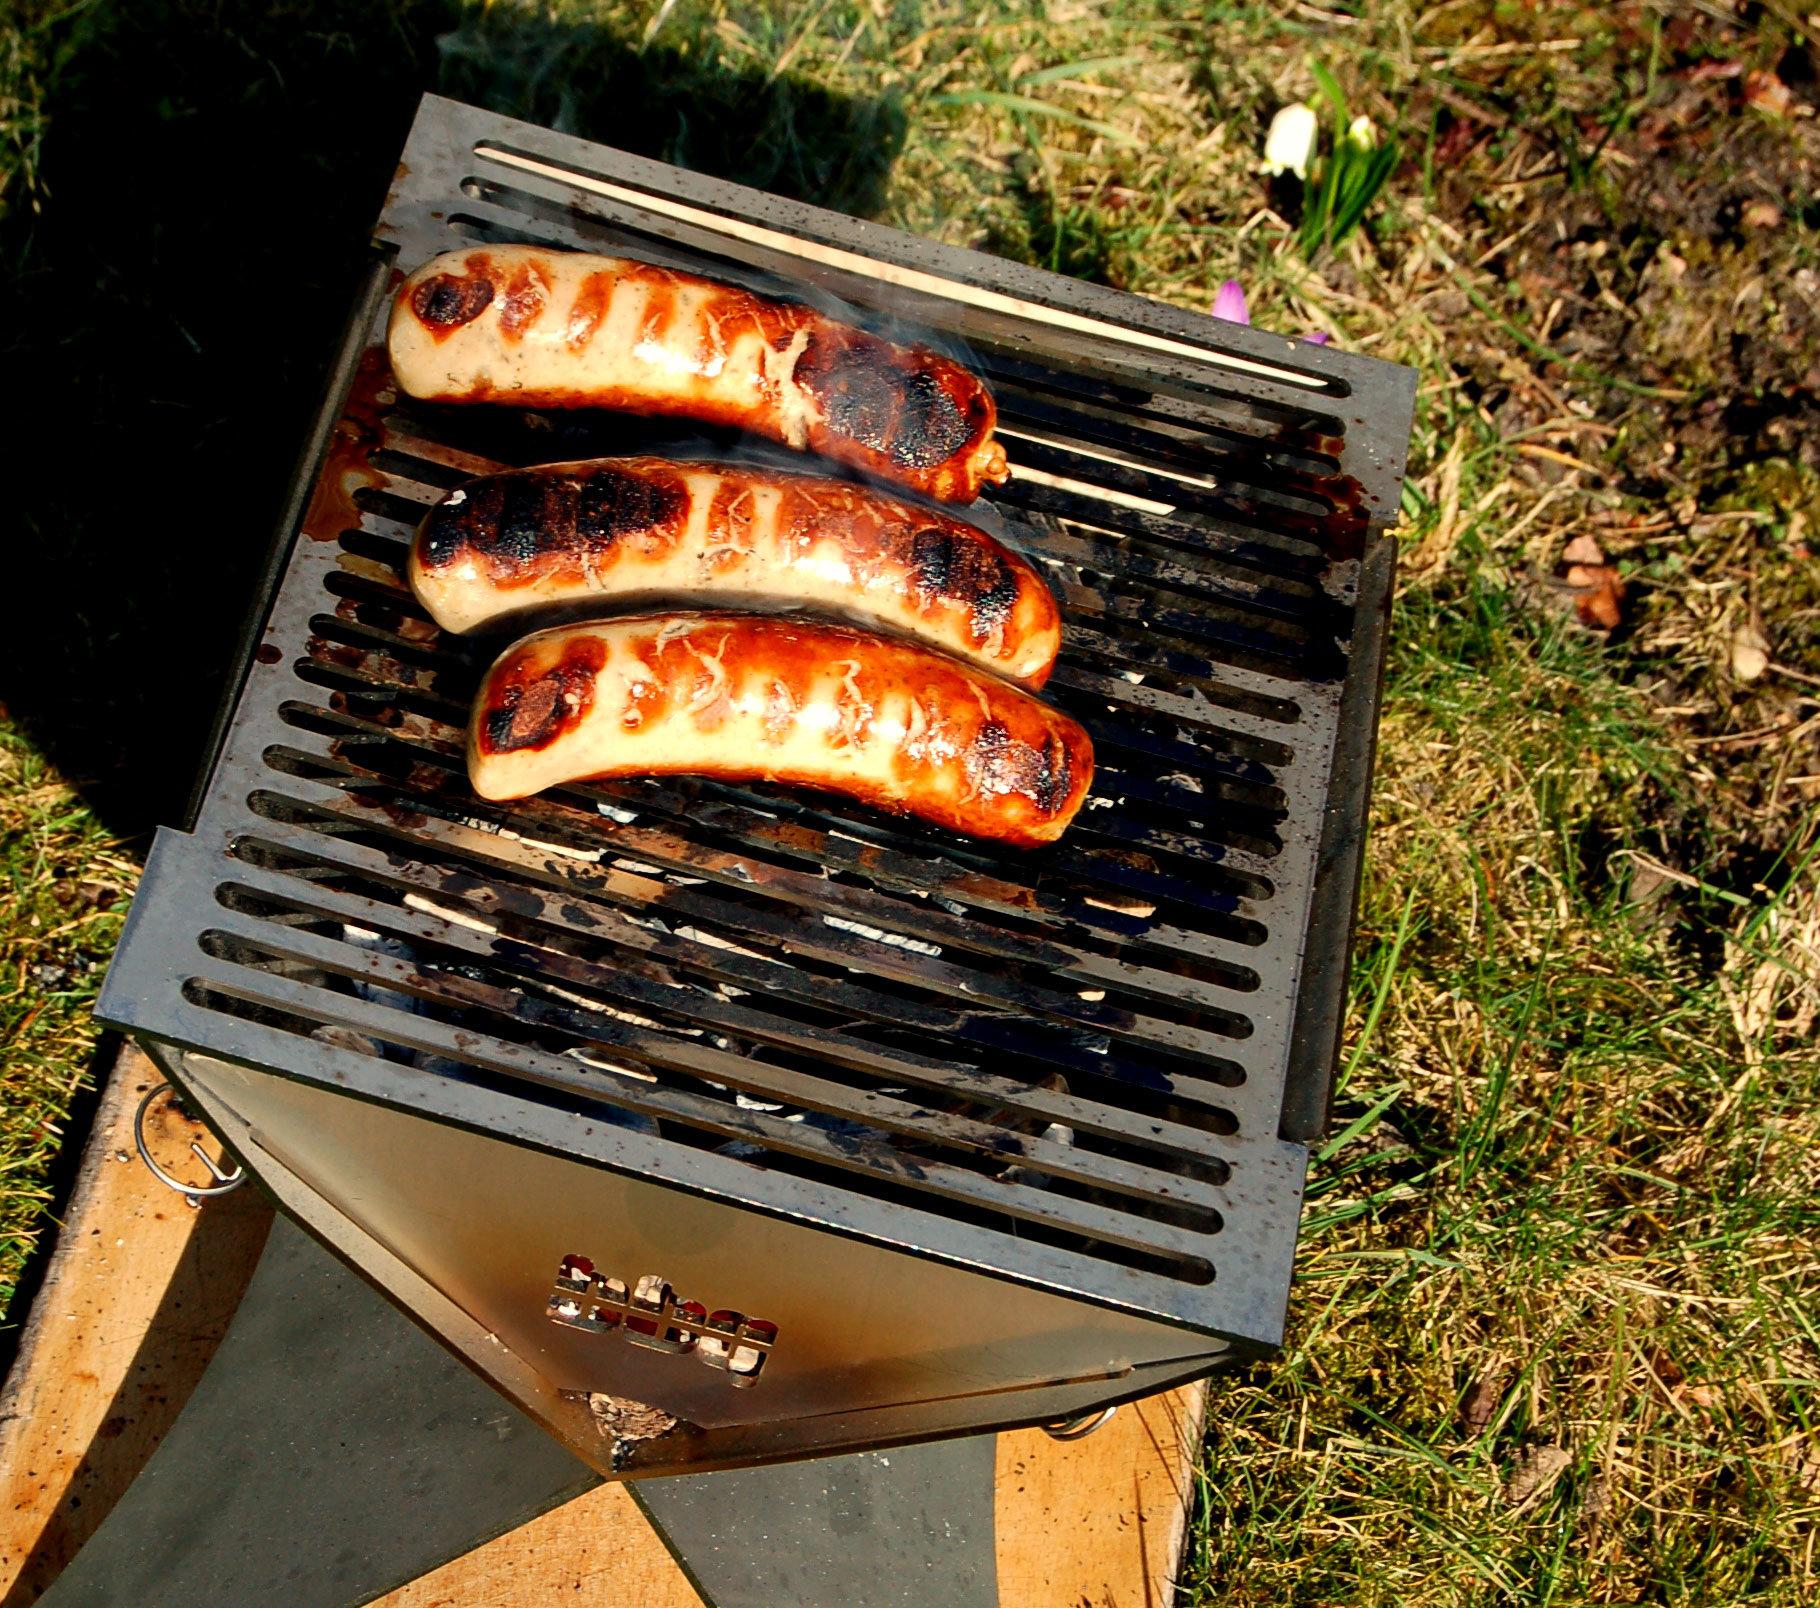 bbq-grill-detail-wurst-2